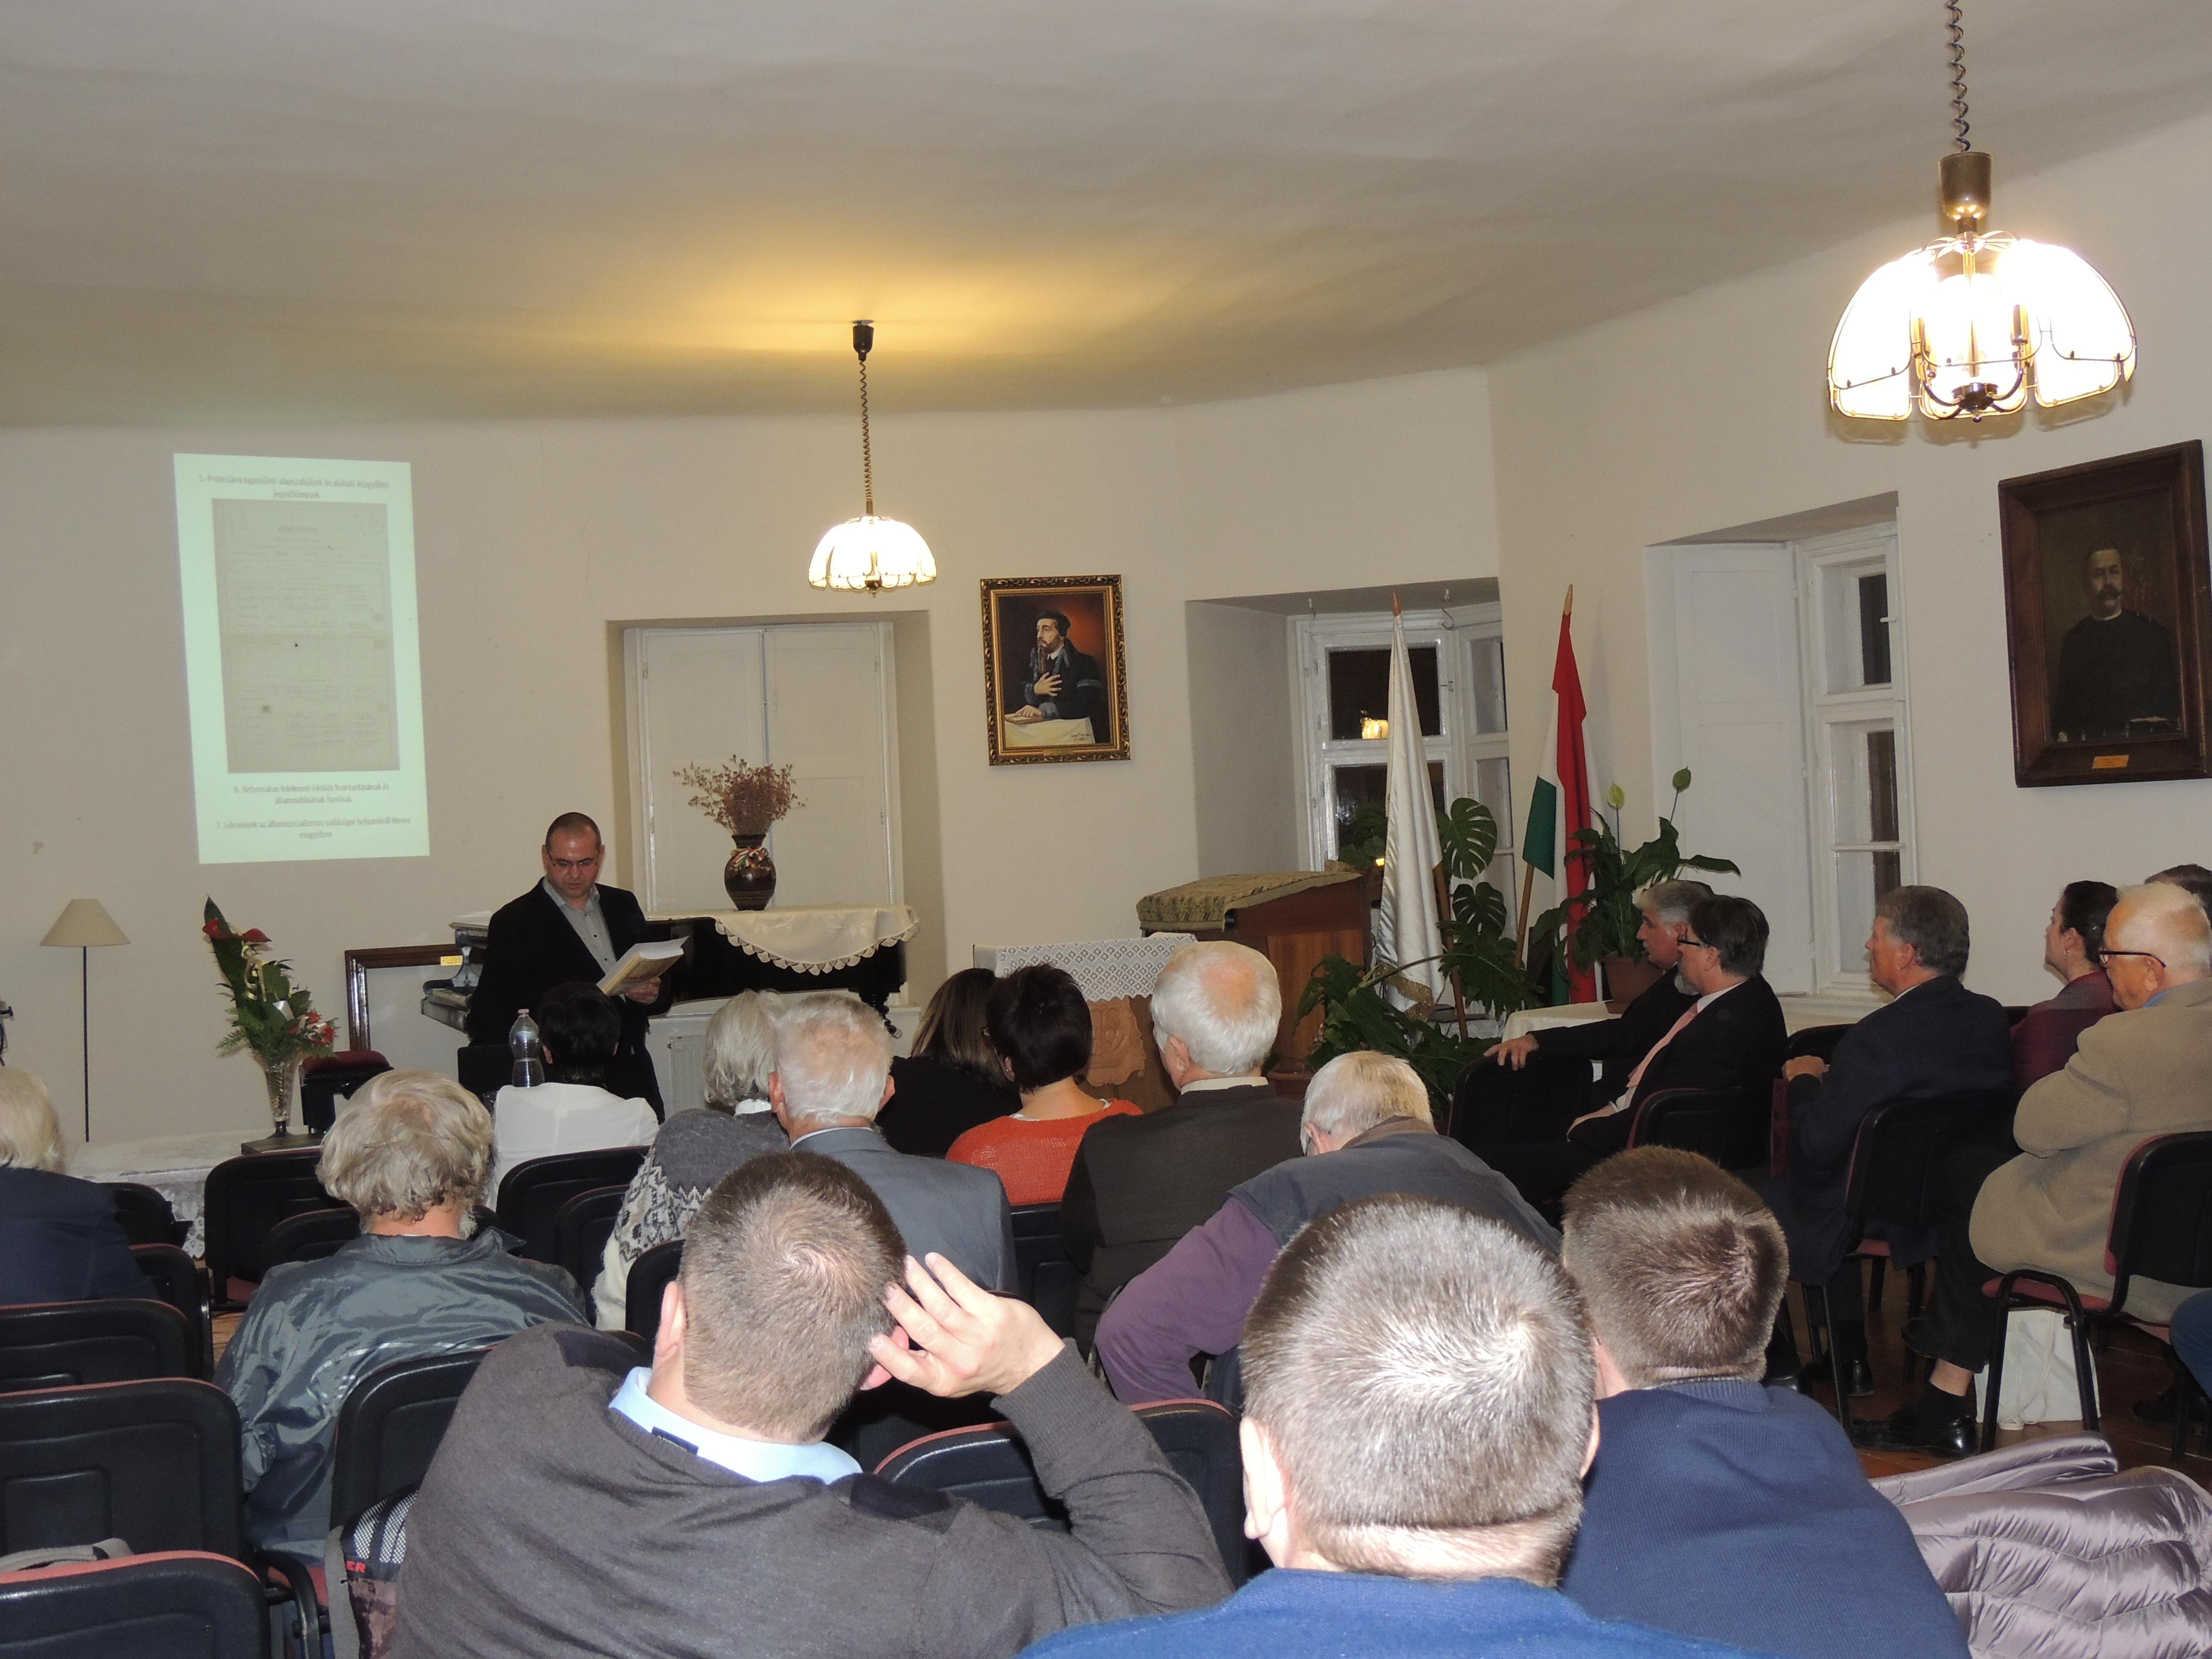 Könyvbemutató és a Reformáció MNL projekt eredményeinek ismertetése a Kálvin Házban